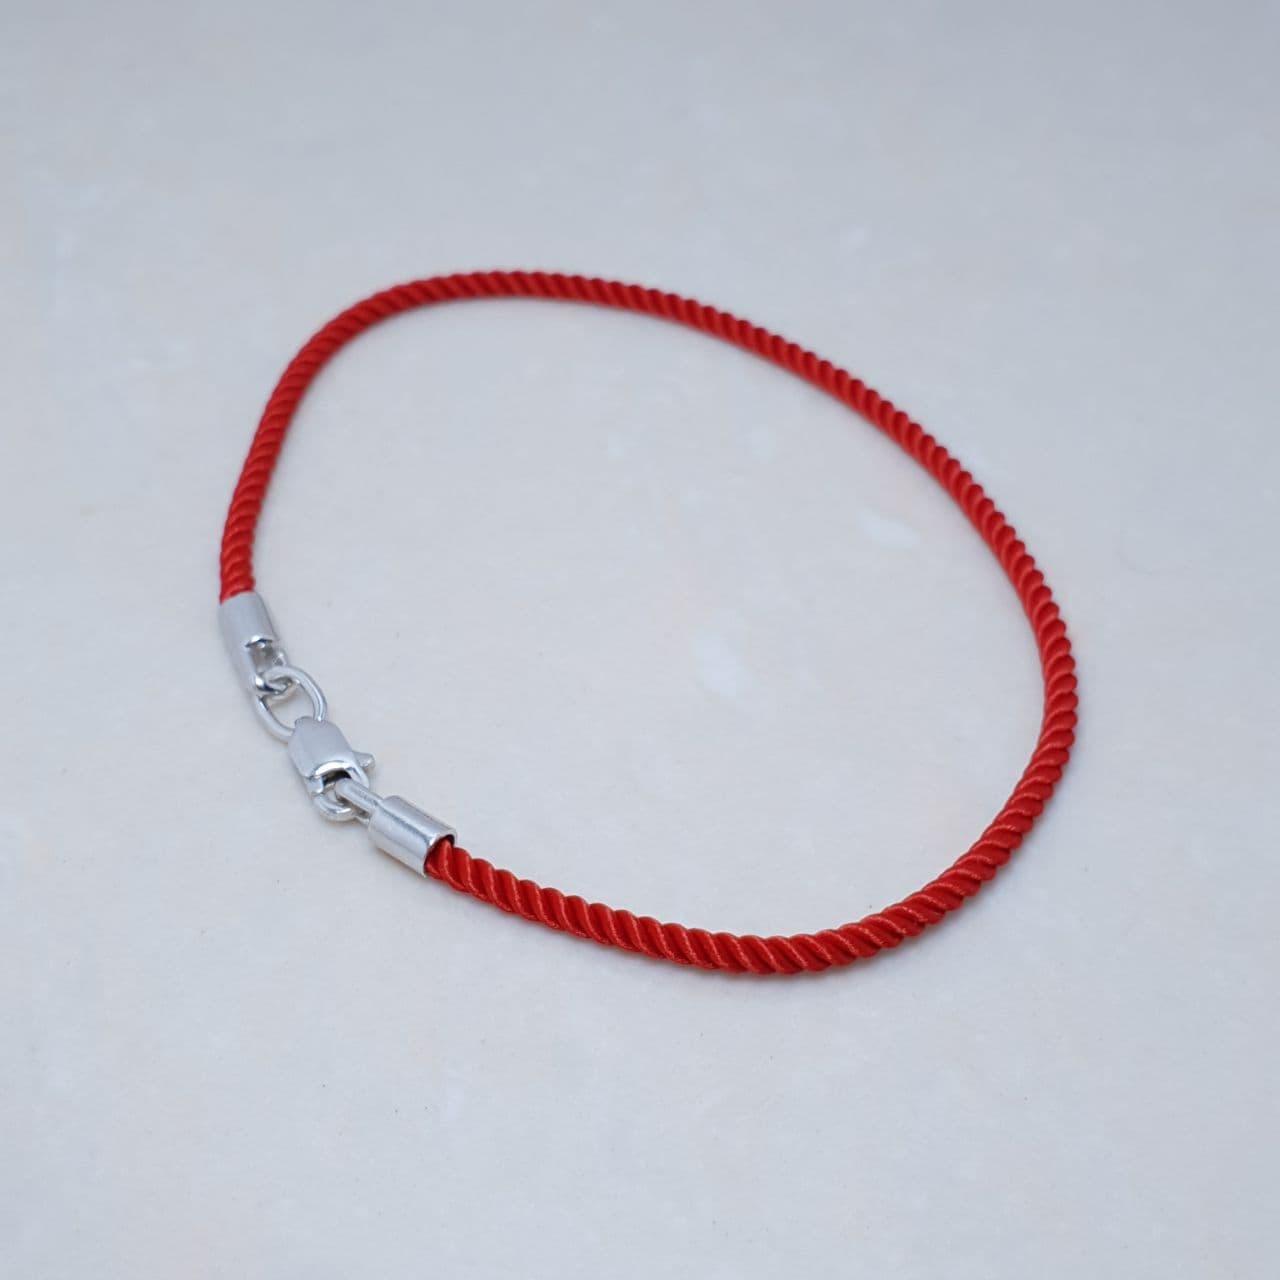 """Браслет-оберіг """"Червона нитка"""",срібло 925, червоне золото, натуральний шовковий плетений шнур - якість ТОП!!"""